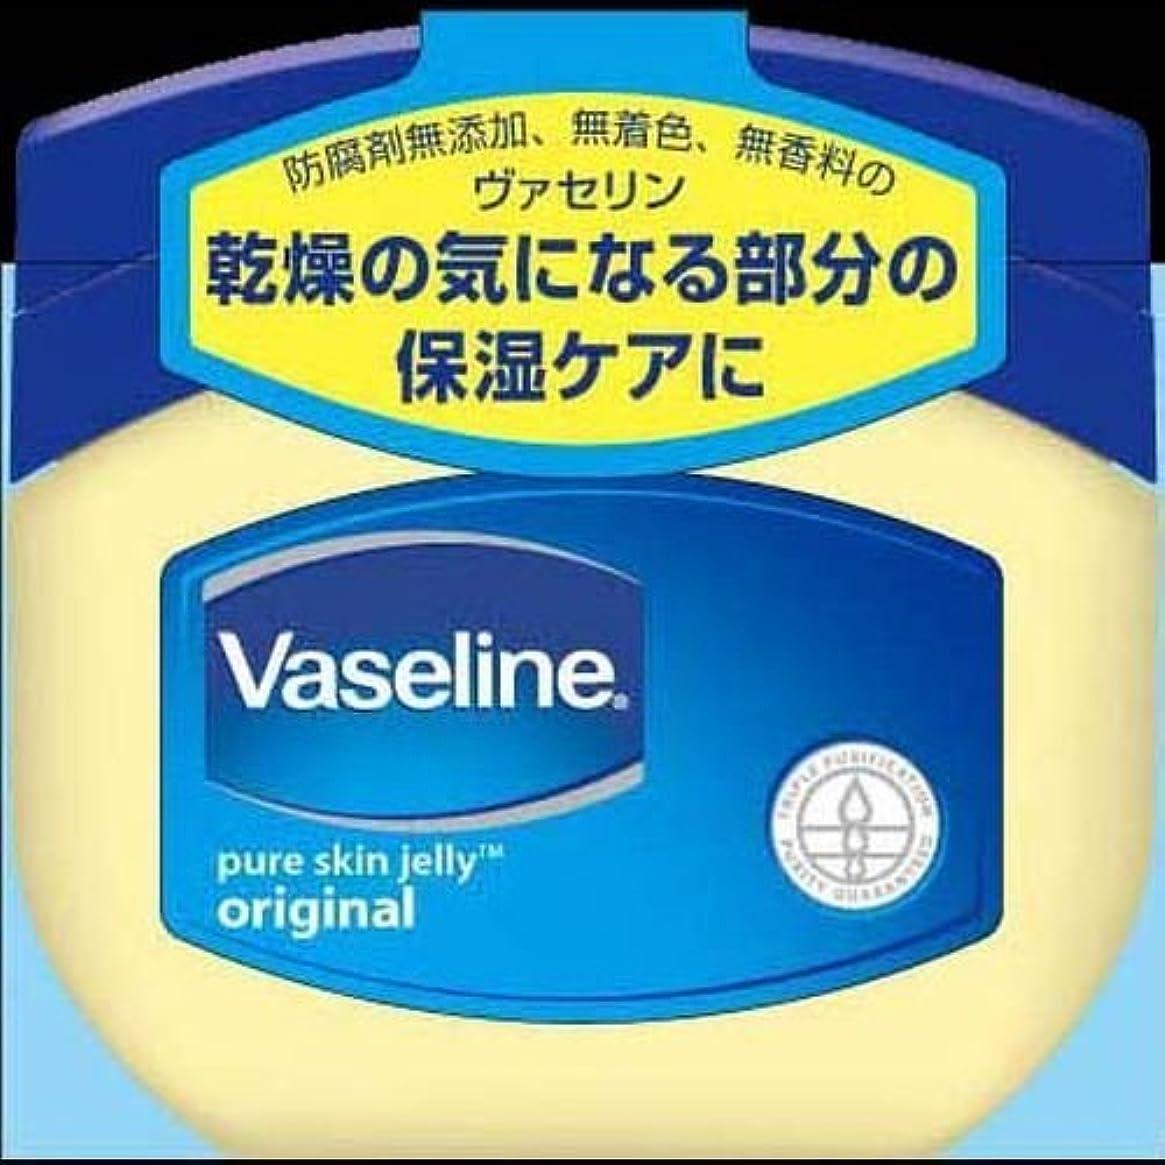 櫛公使館眼【まとめ買い】ヴァセリン オリジナルピュアスキンジェリー 80g ×2セット